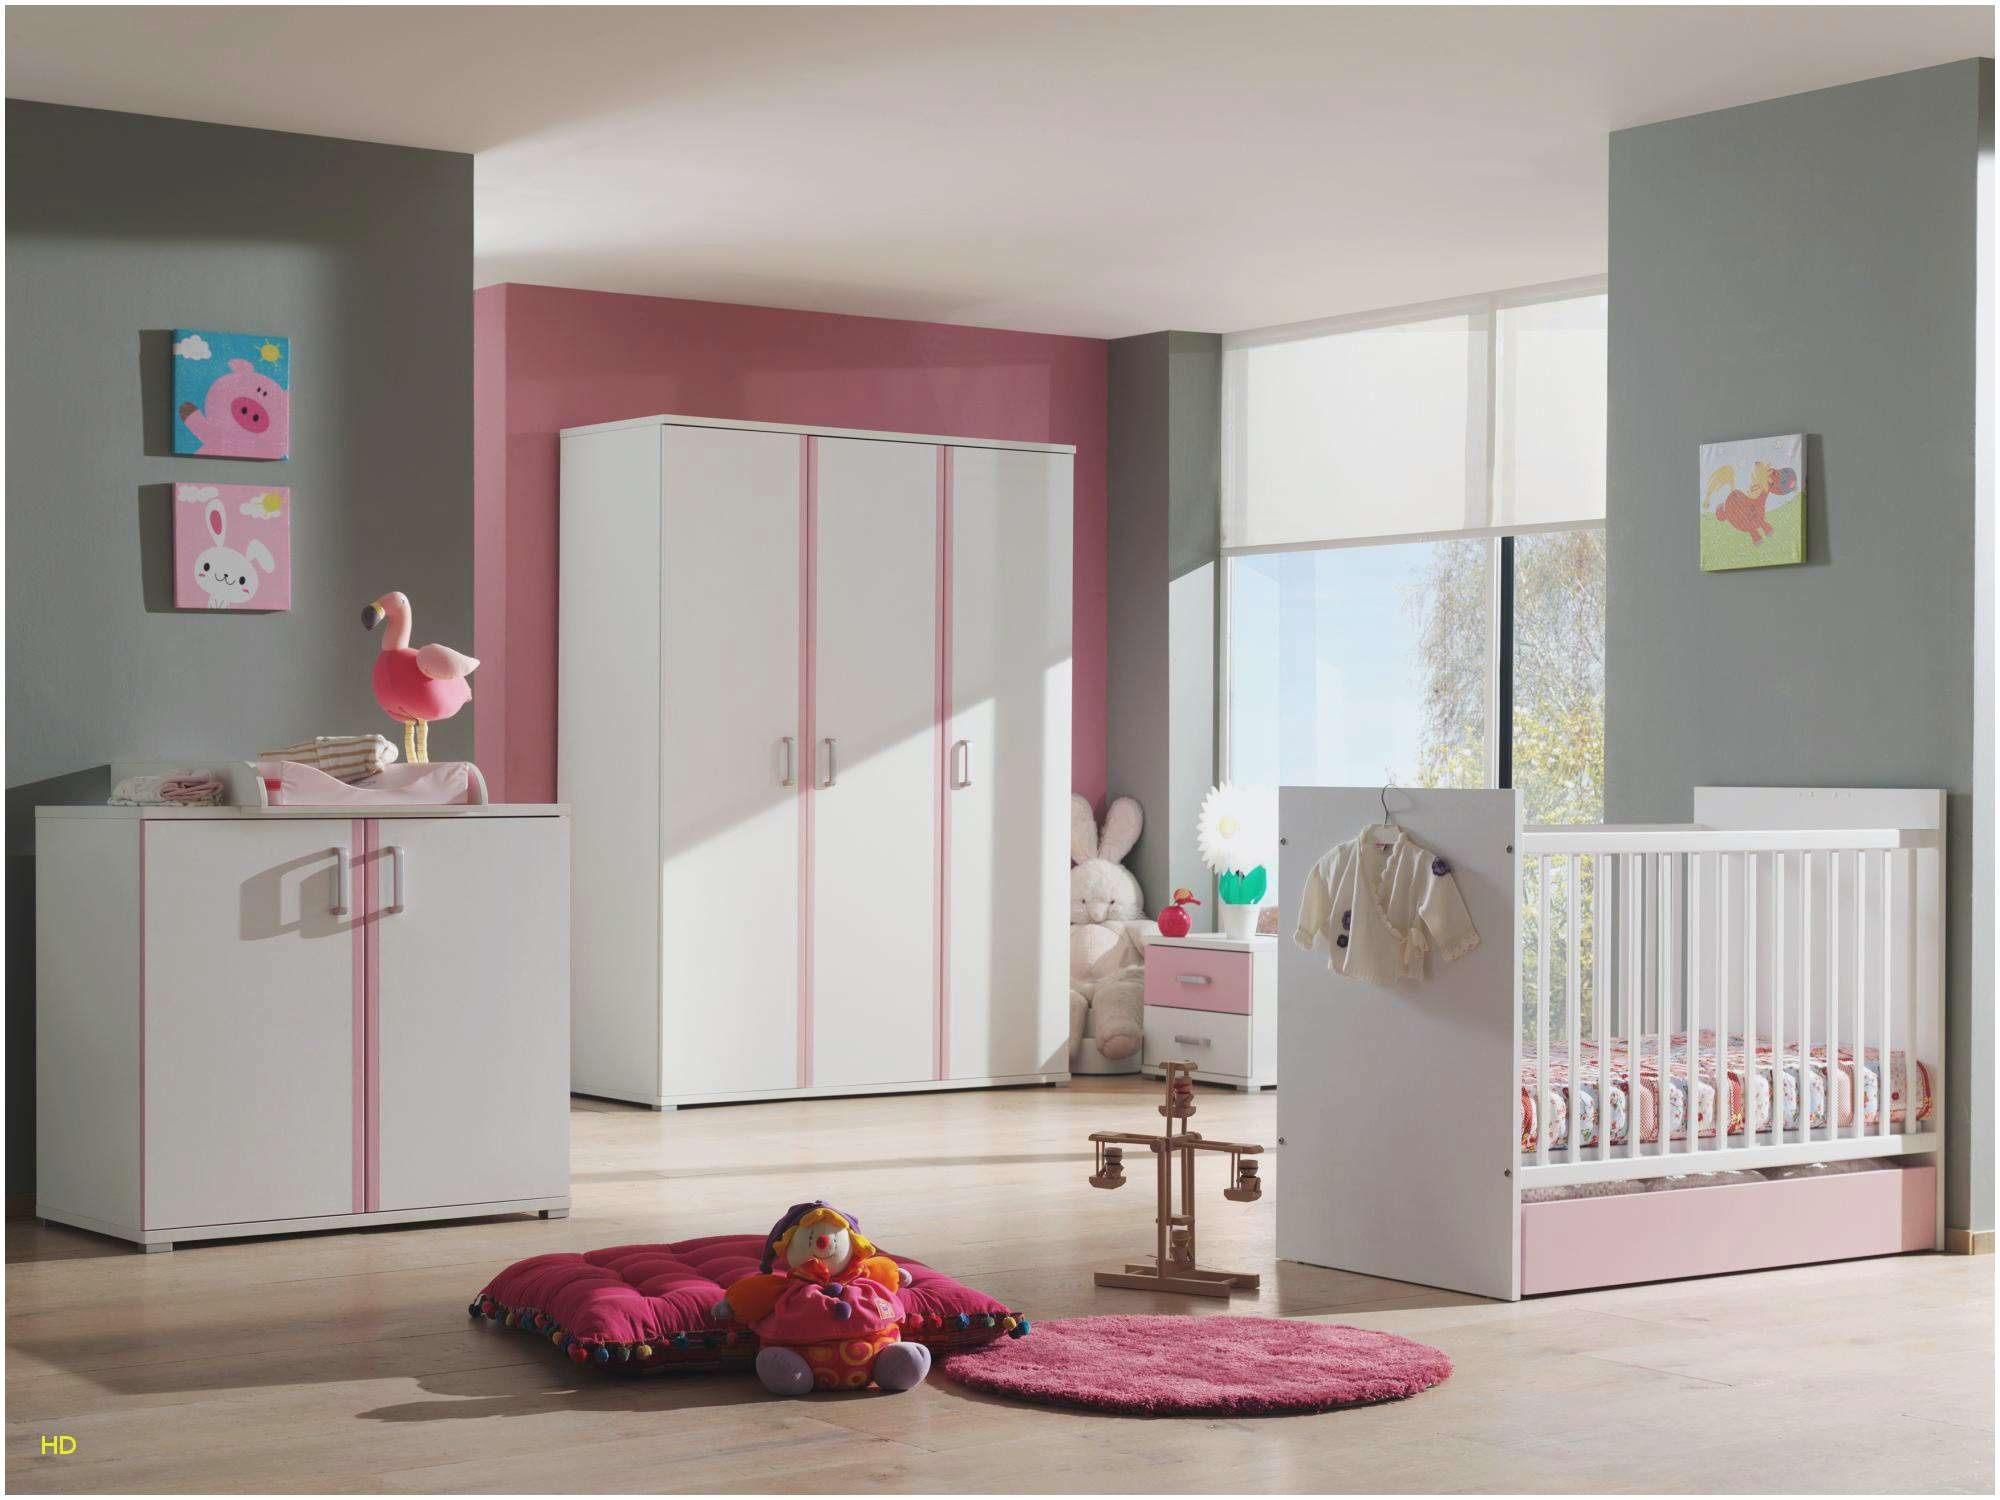 Lit Superposé Adulte Ikea Inspiré 53 Lit Superposé Adulte Ikea Idee Jongor4hire